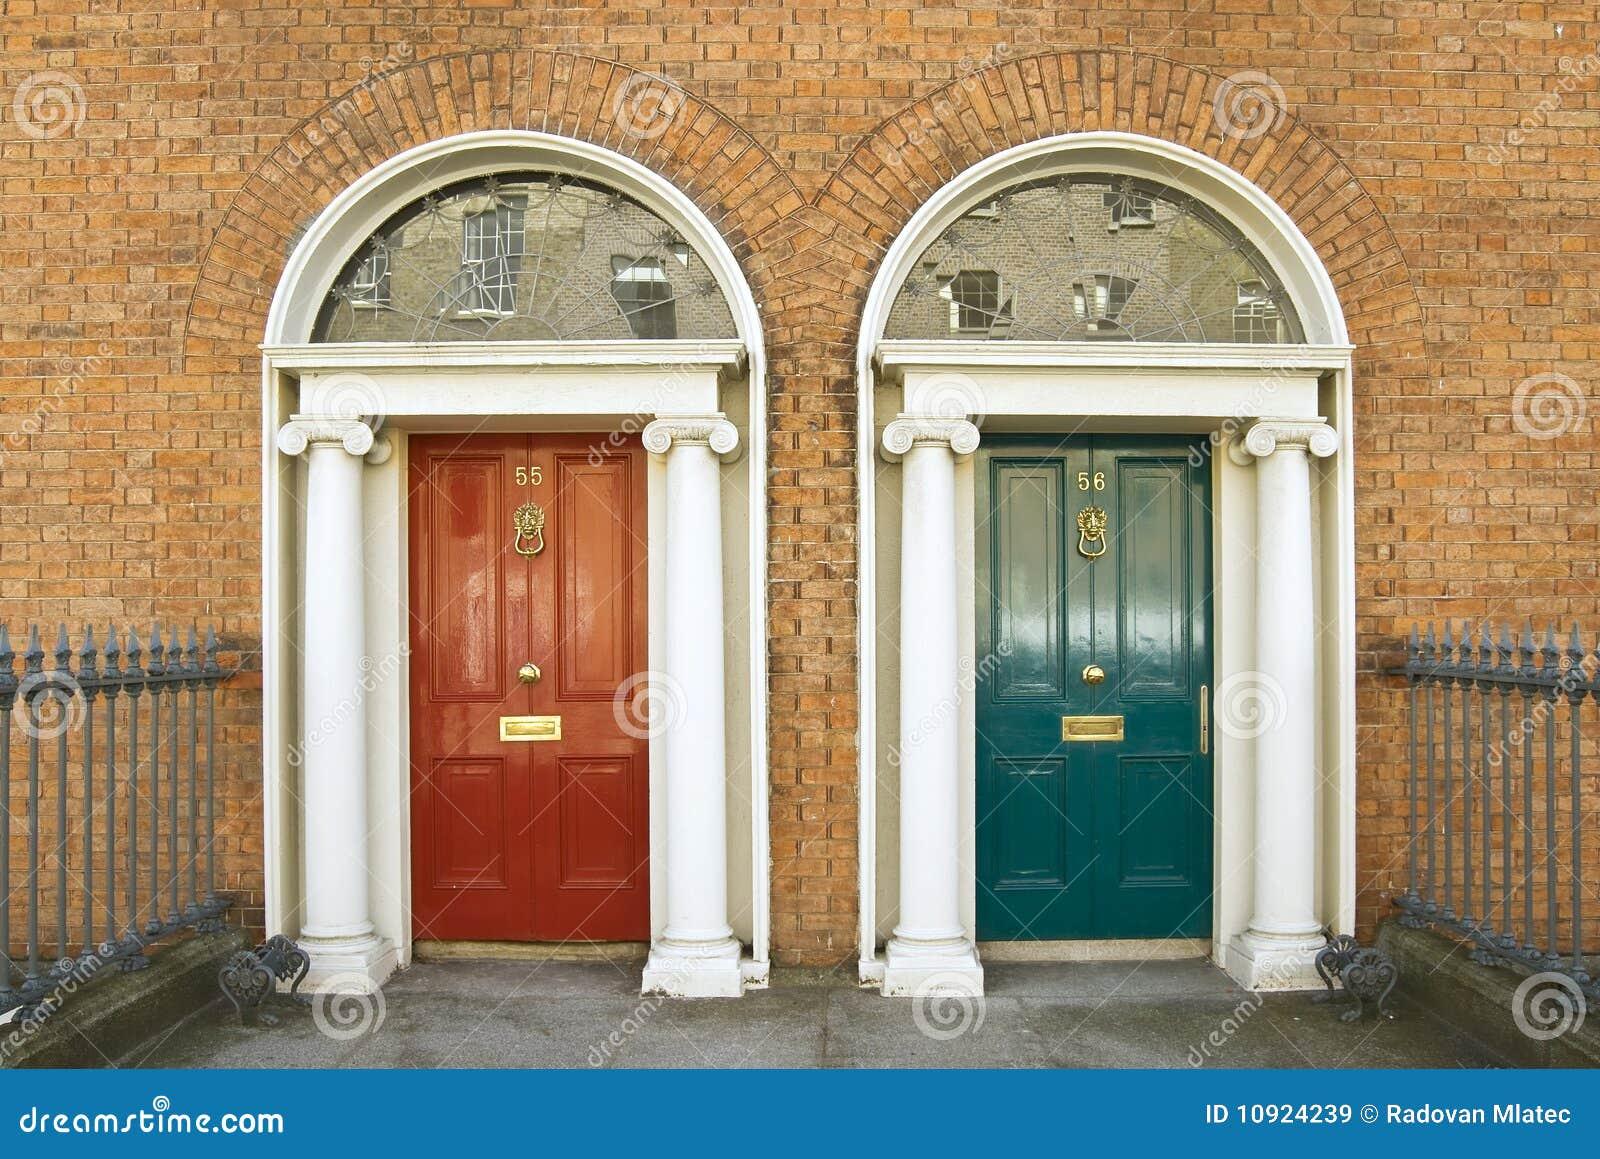 Drzwi Dublin drzwi